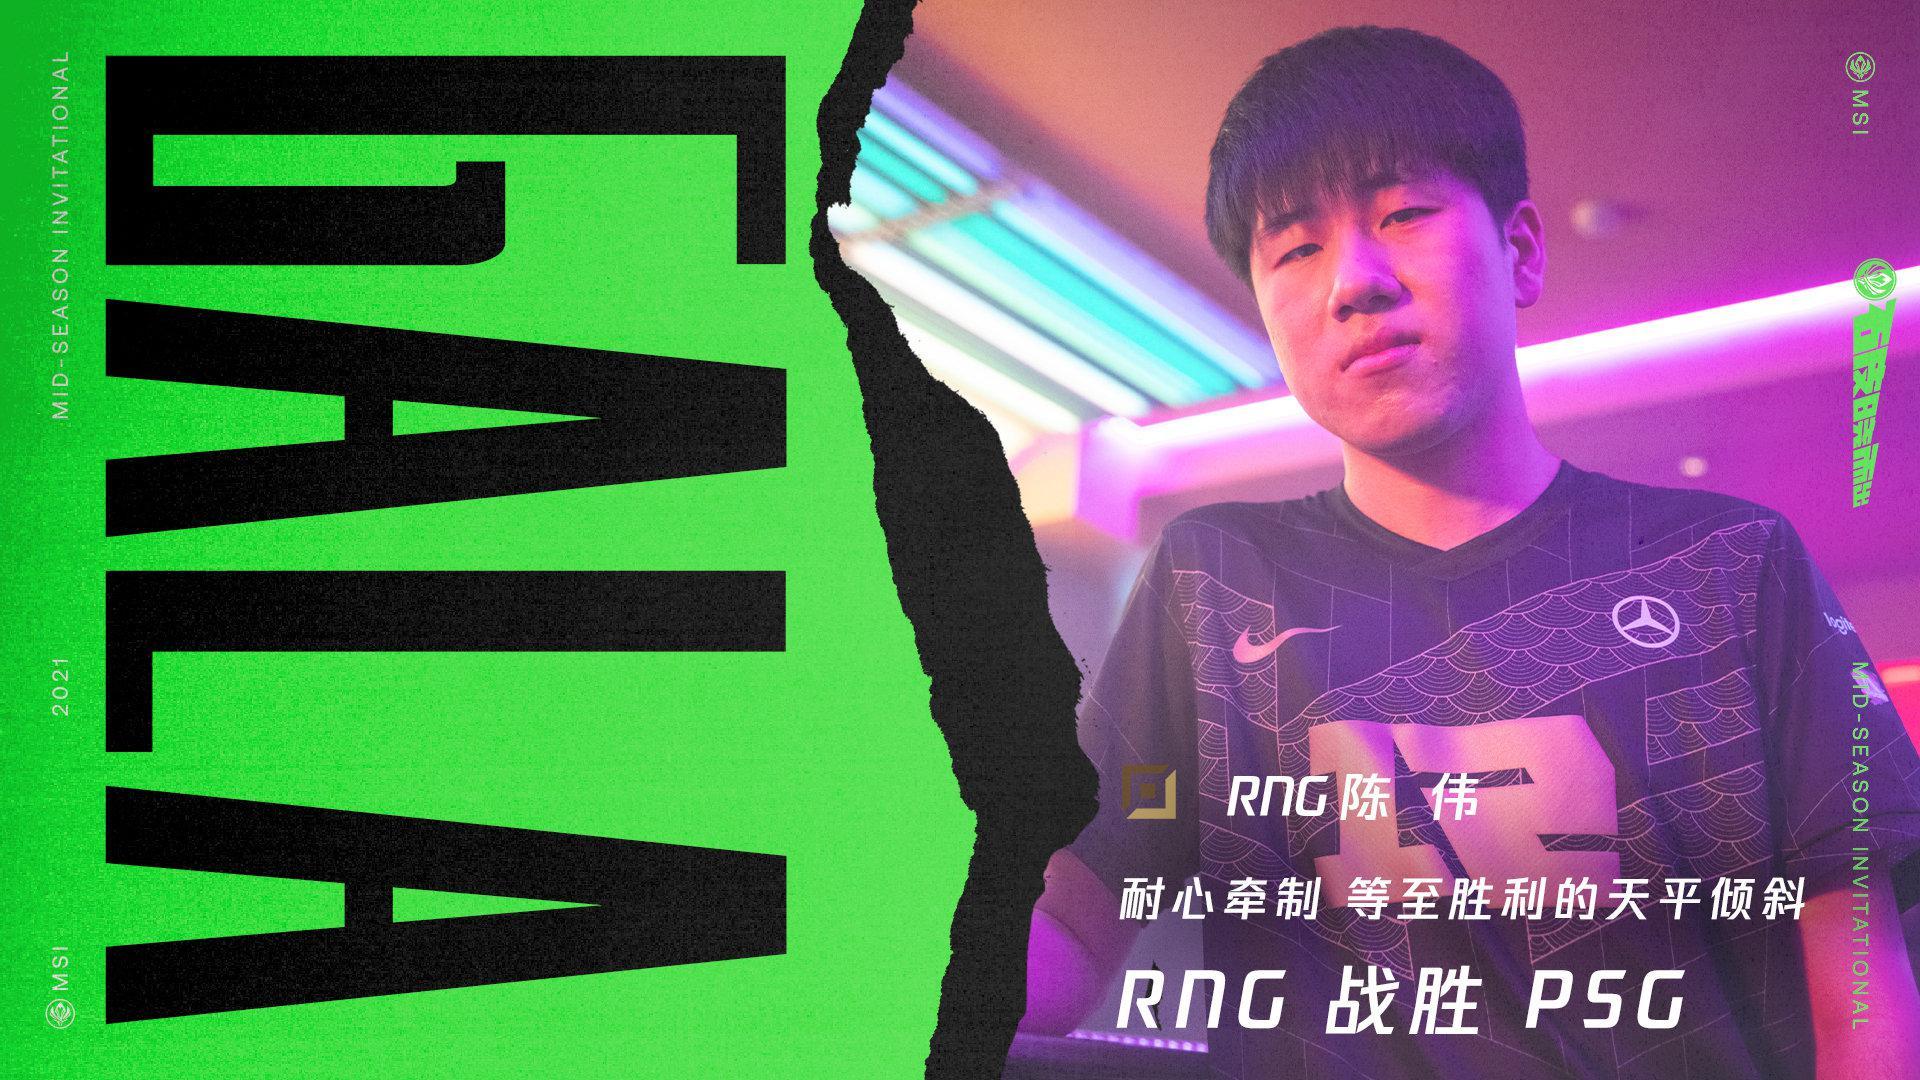 《英雄联盟》MSI 对抗赛第四天:RNG 战队惊险翻盘